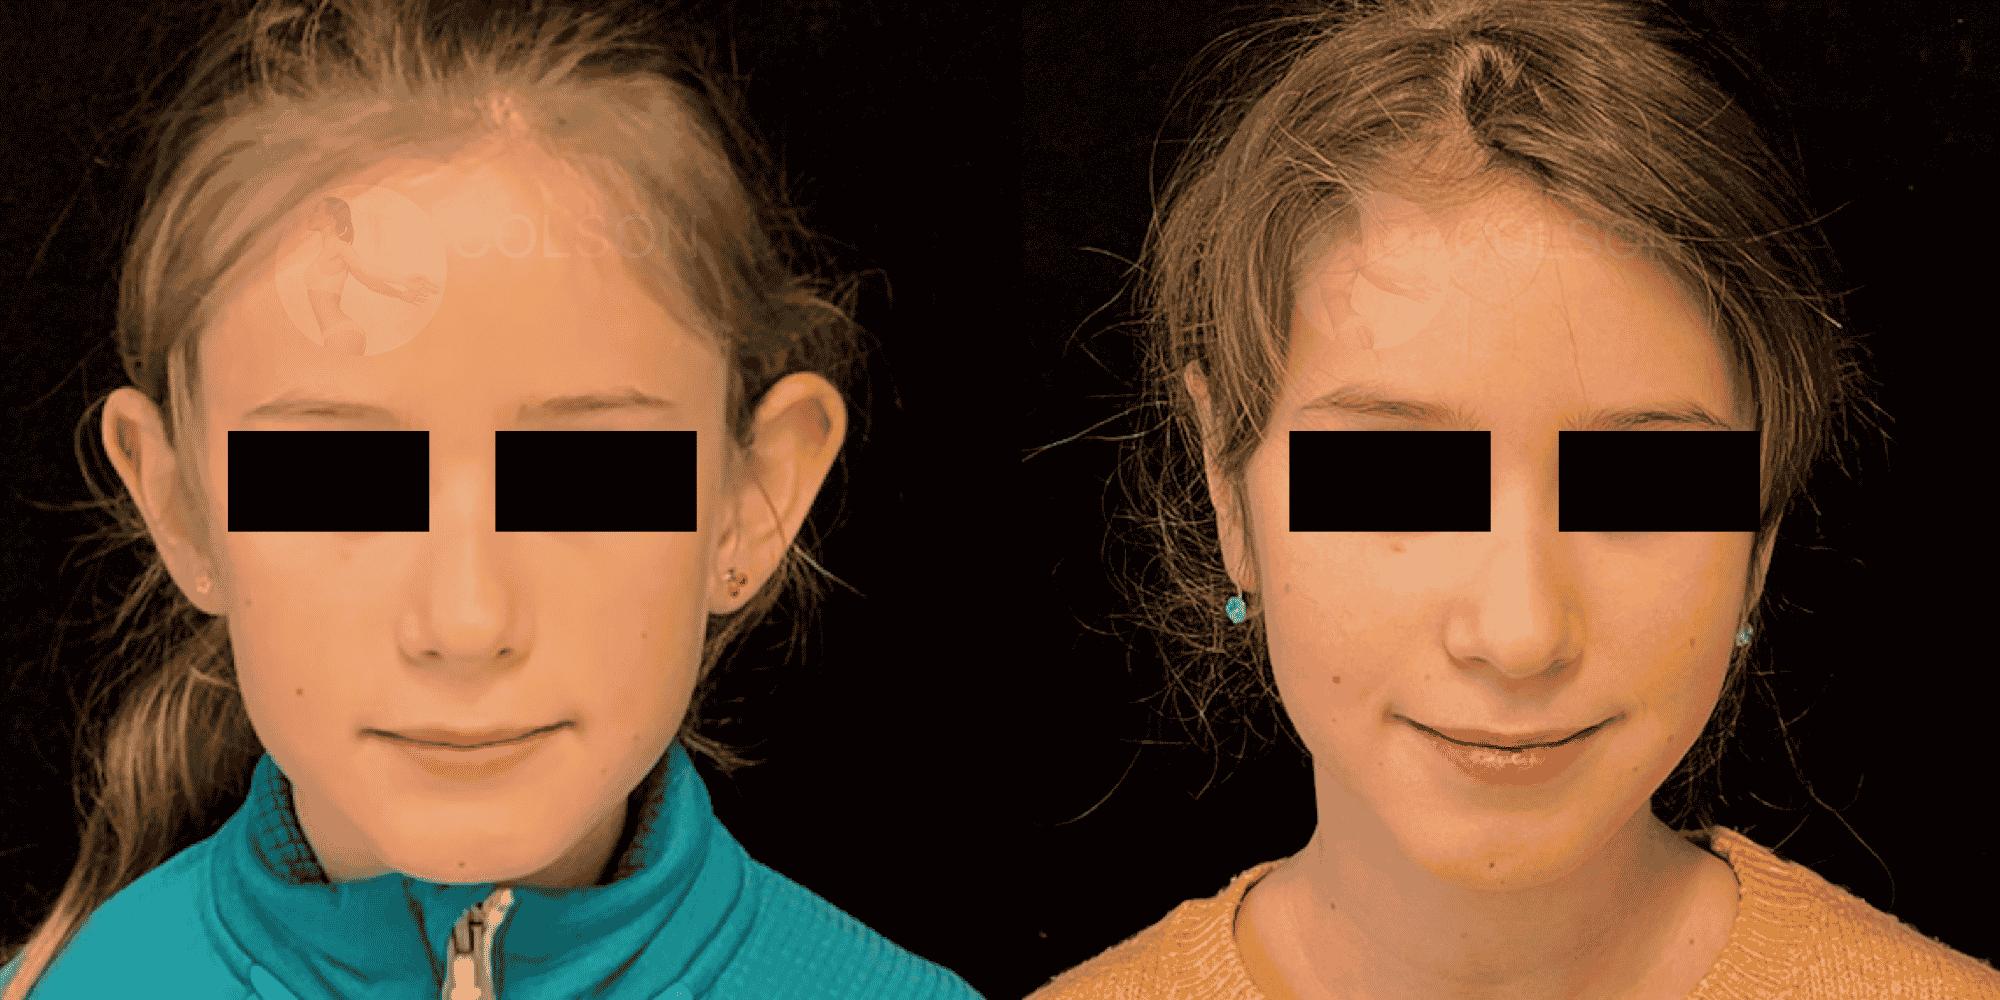 Dr Colson - Chirurgie visage - Otoplastie Face